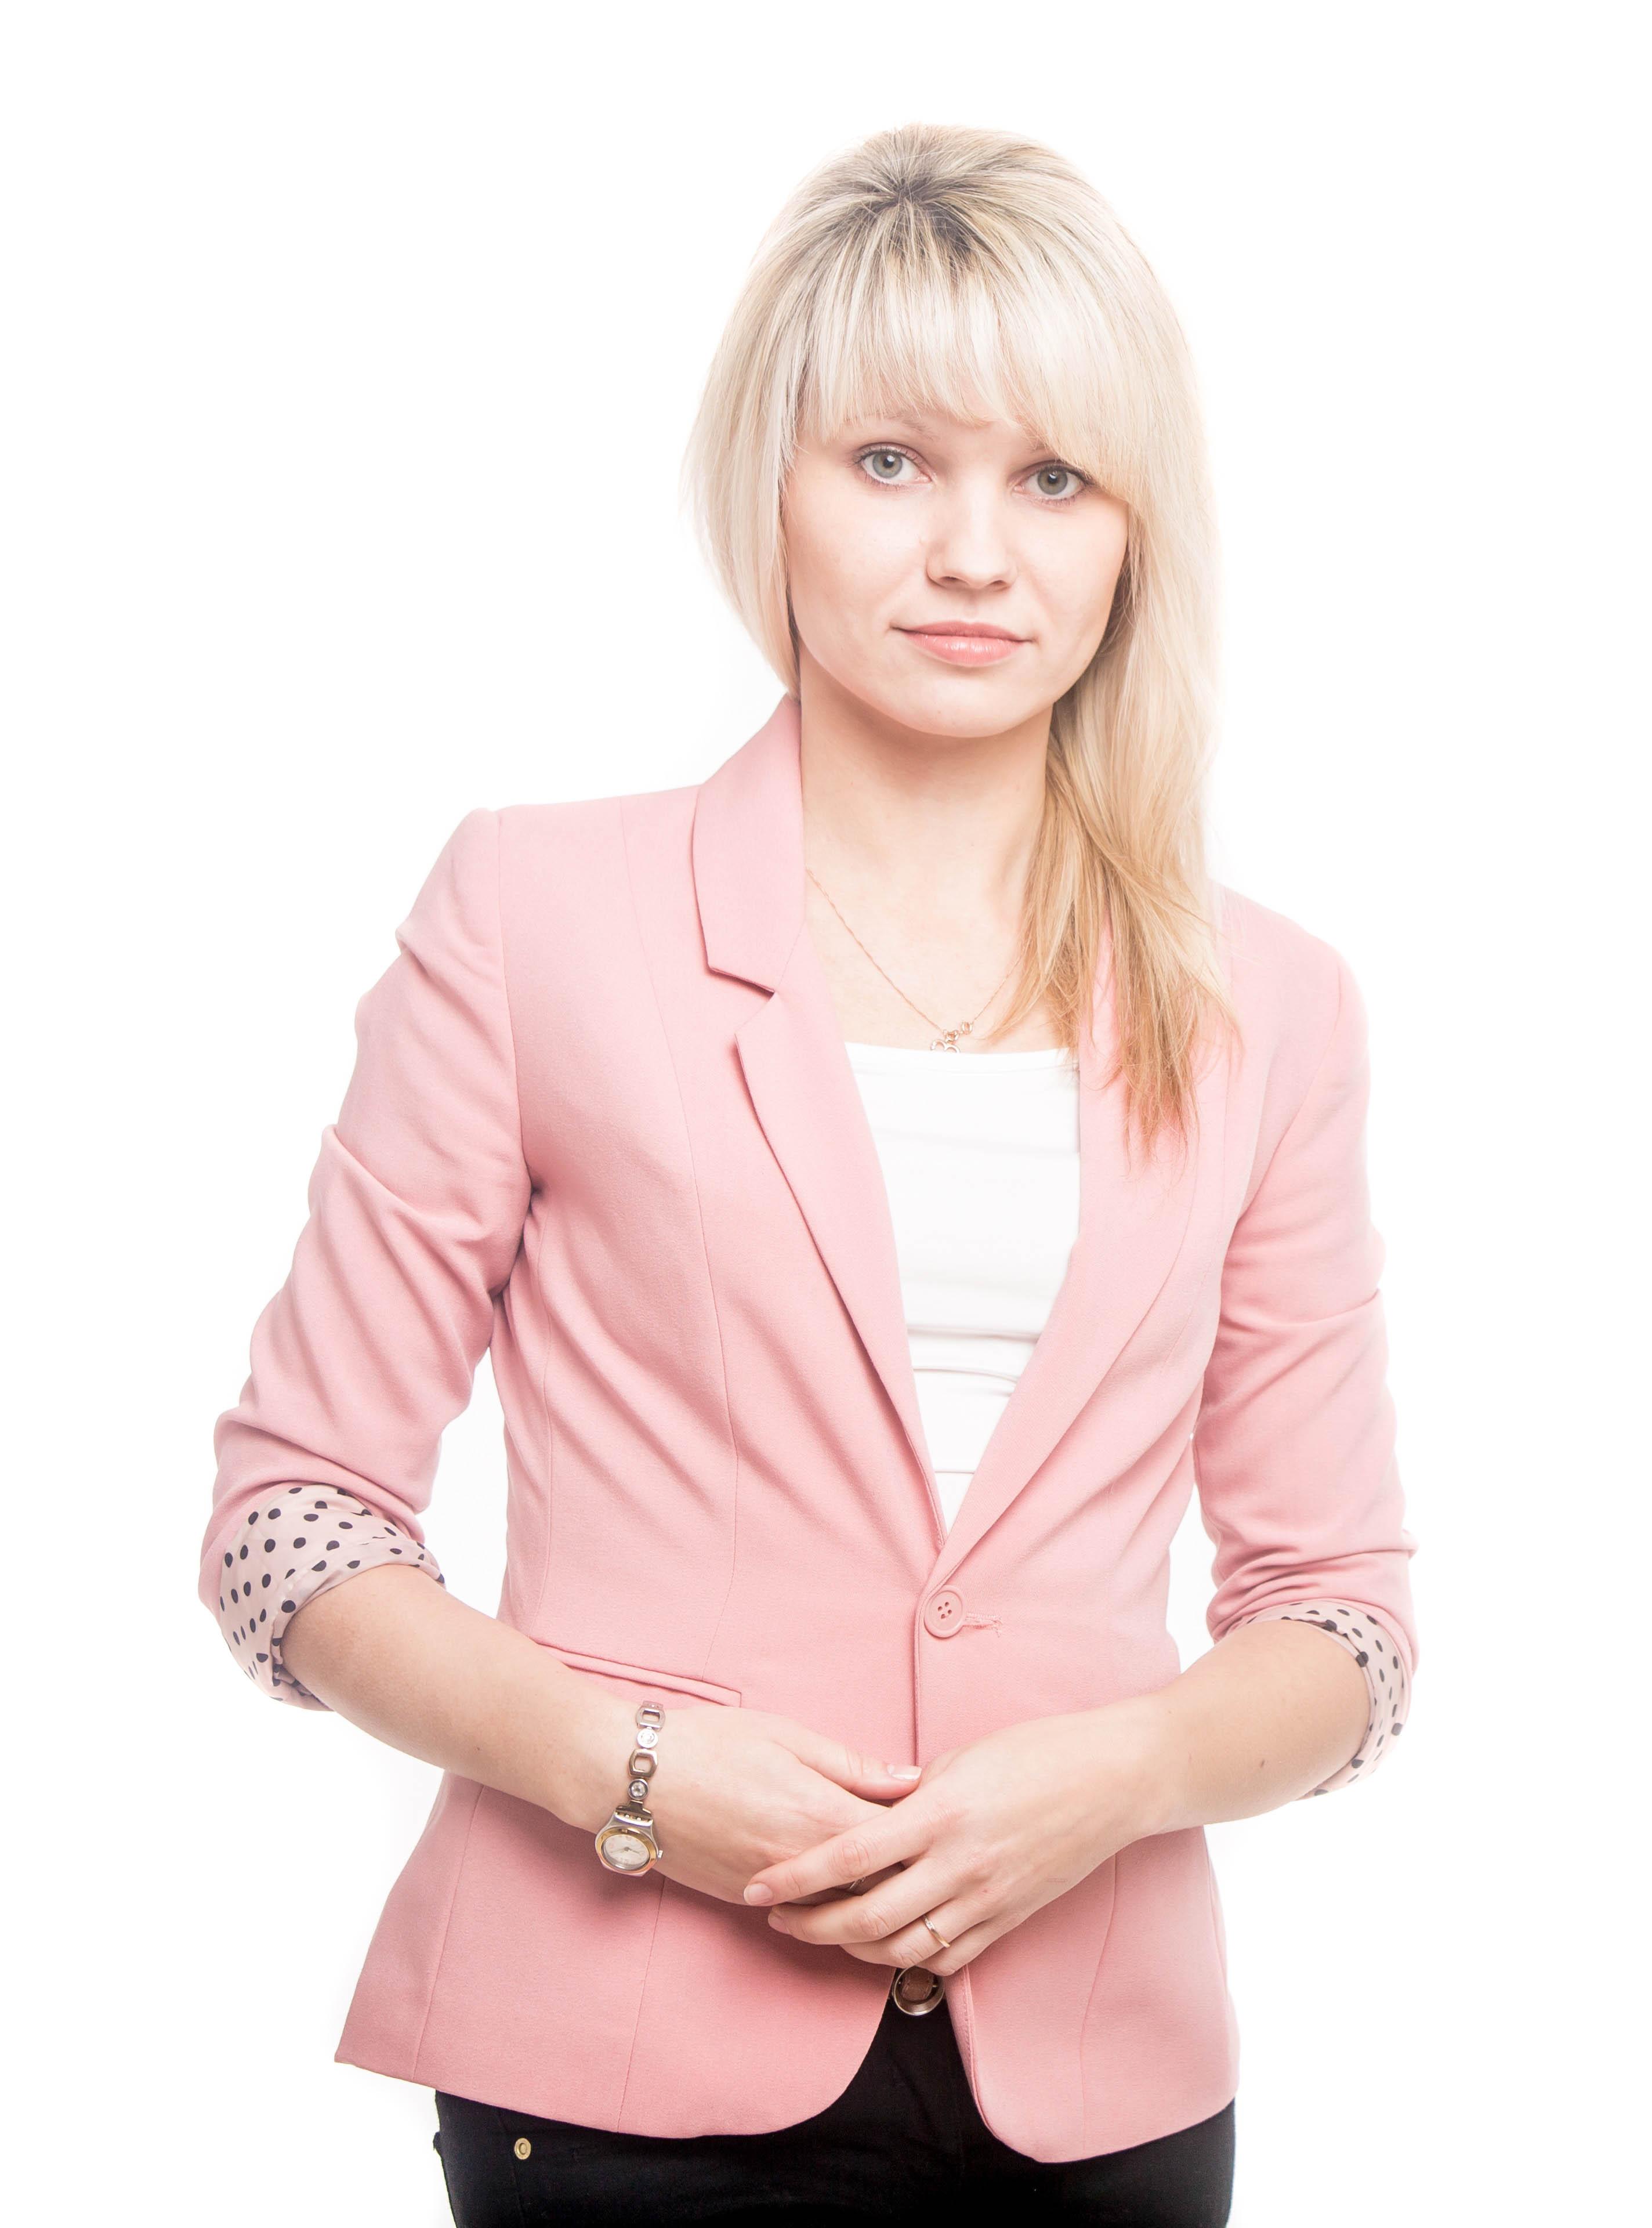 Руководитель отдела продаж Гаврилина Наталья